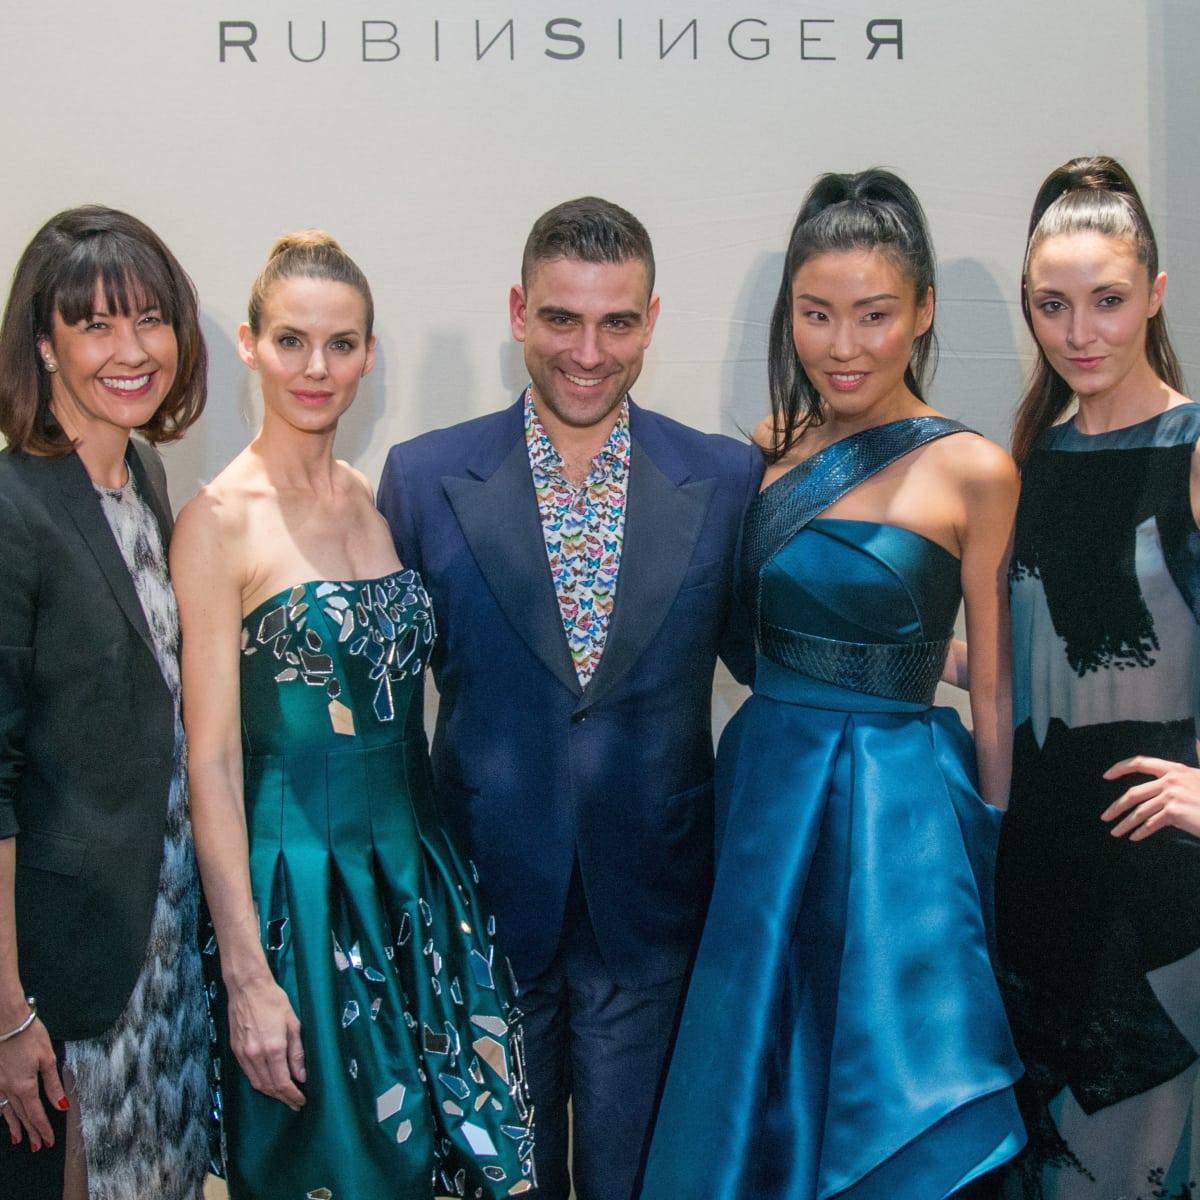 Carrie Colbert, Rubin Singer, and models at Dress for Dinner